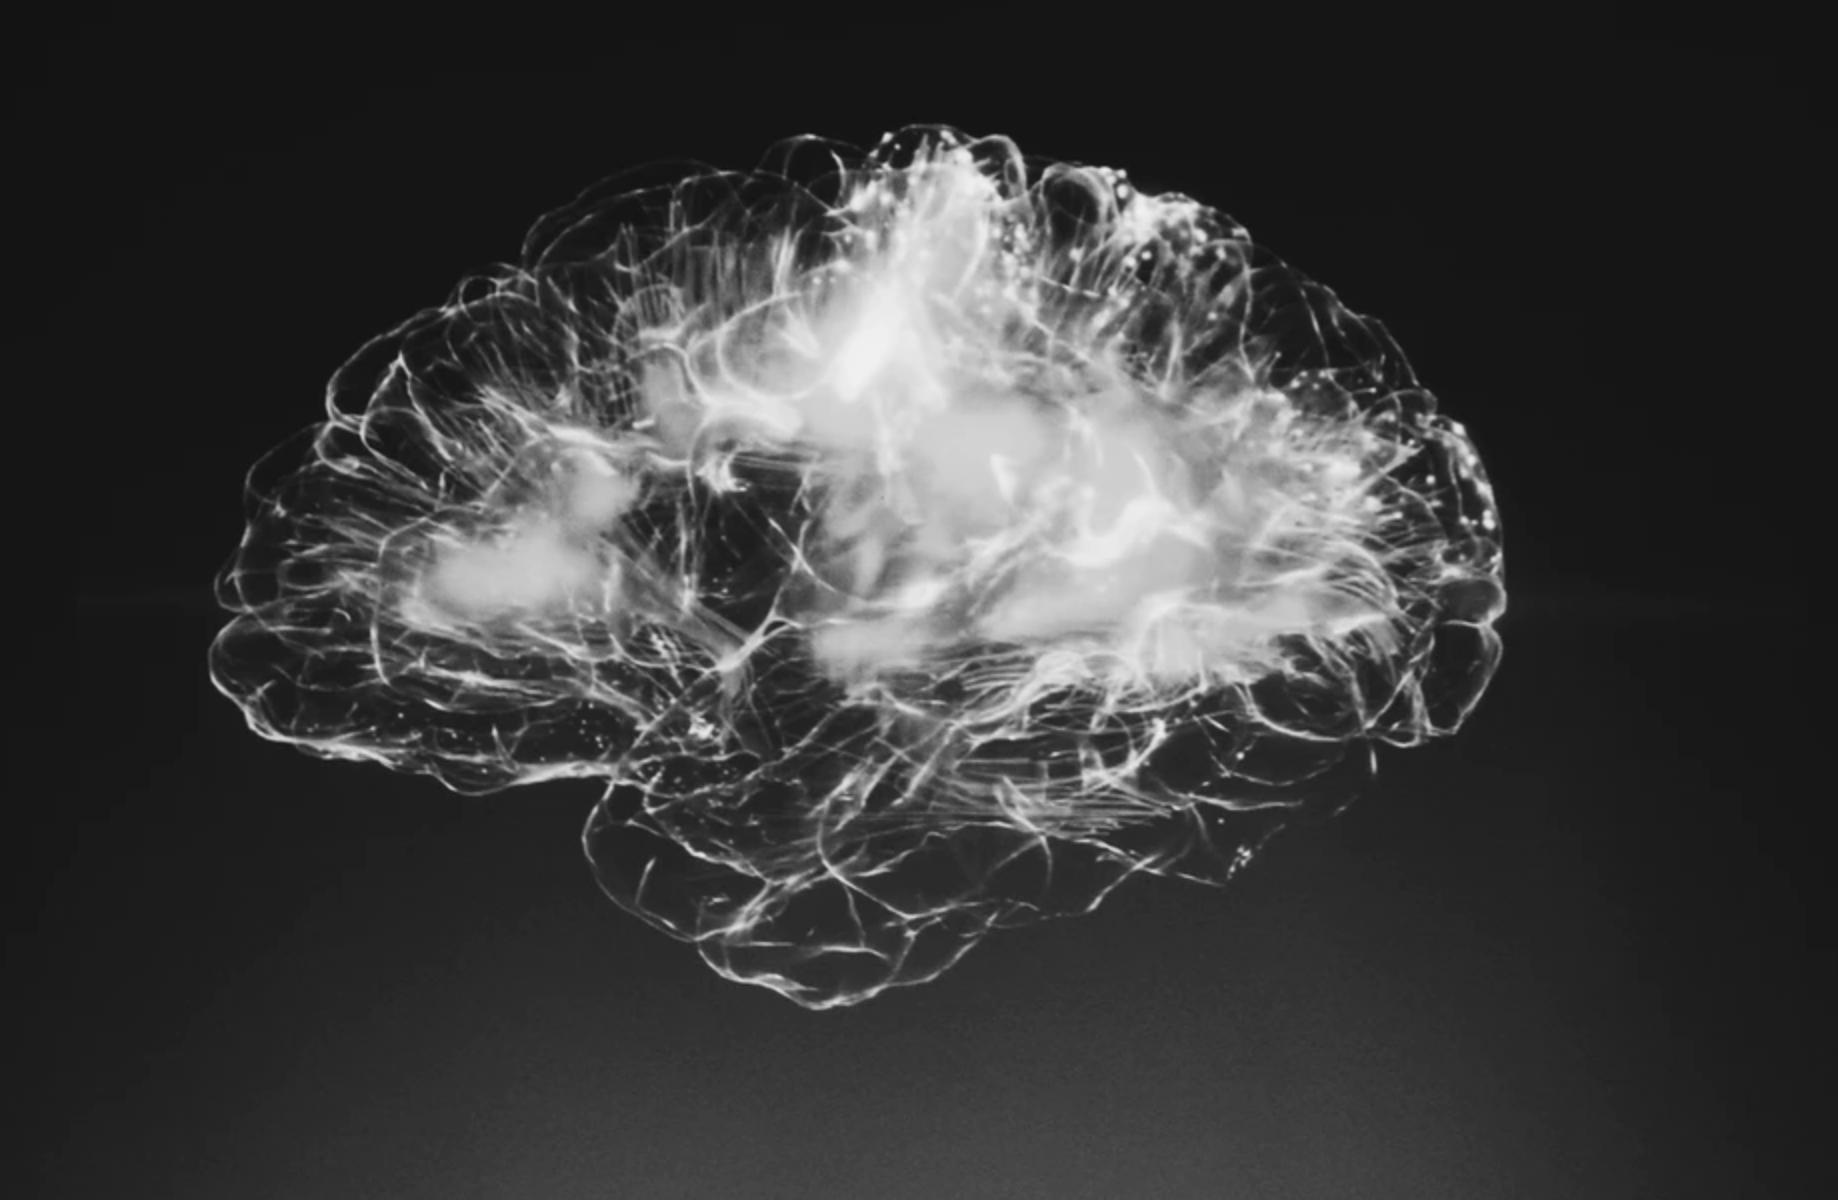 Lesiones en la cabeza podrían provocar demencia en el futuro, según estudio